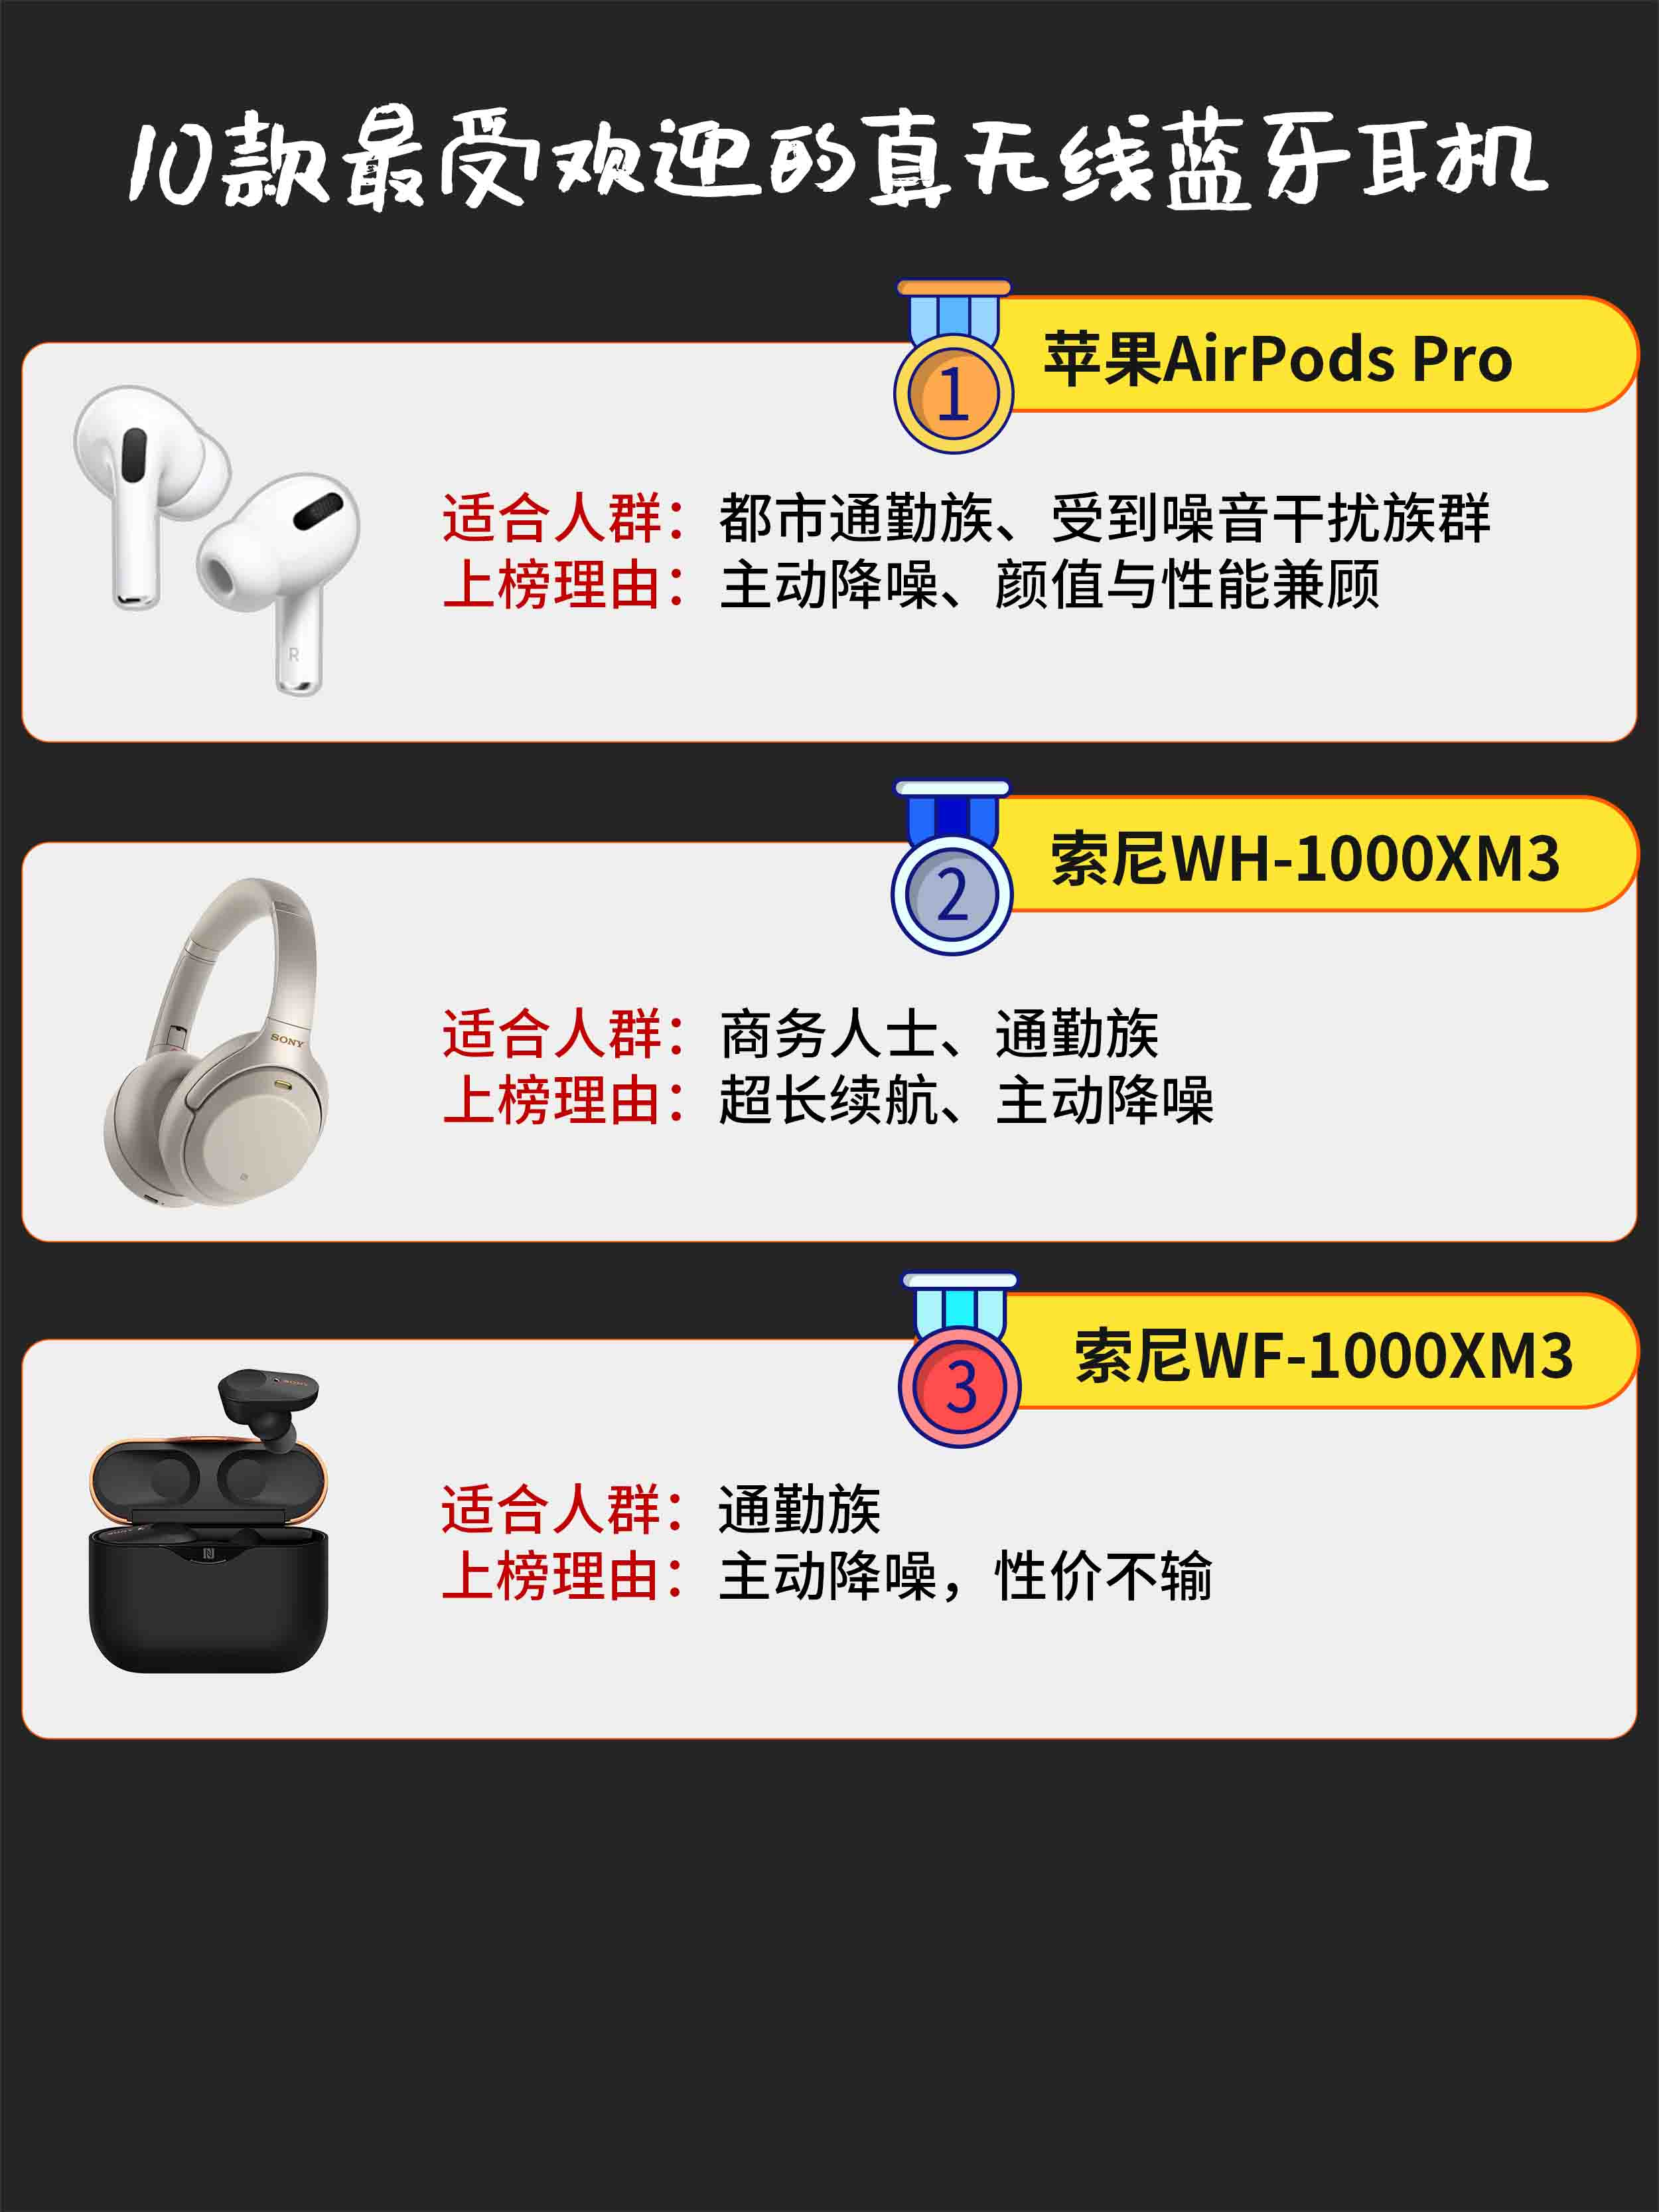 无线蓝牙耳机排行榜(10款最受欢迎的真无线蓝牙耳机)(1)